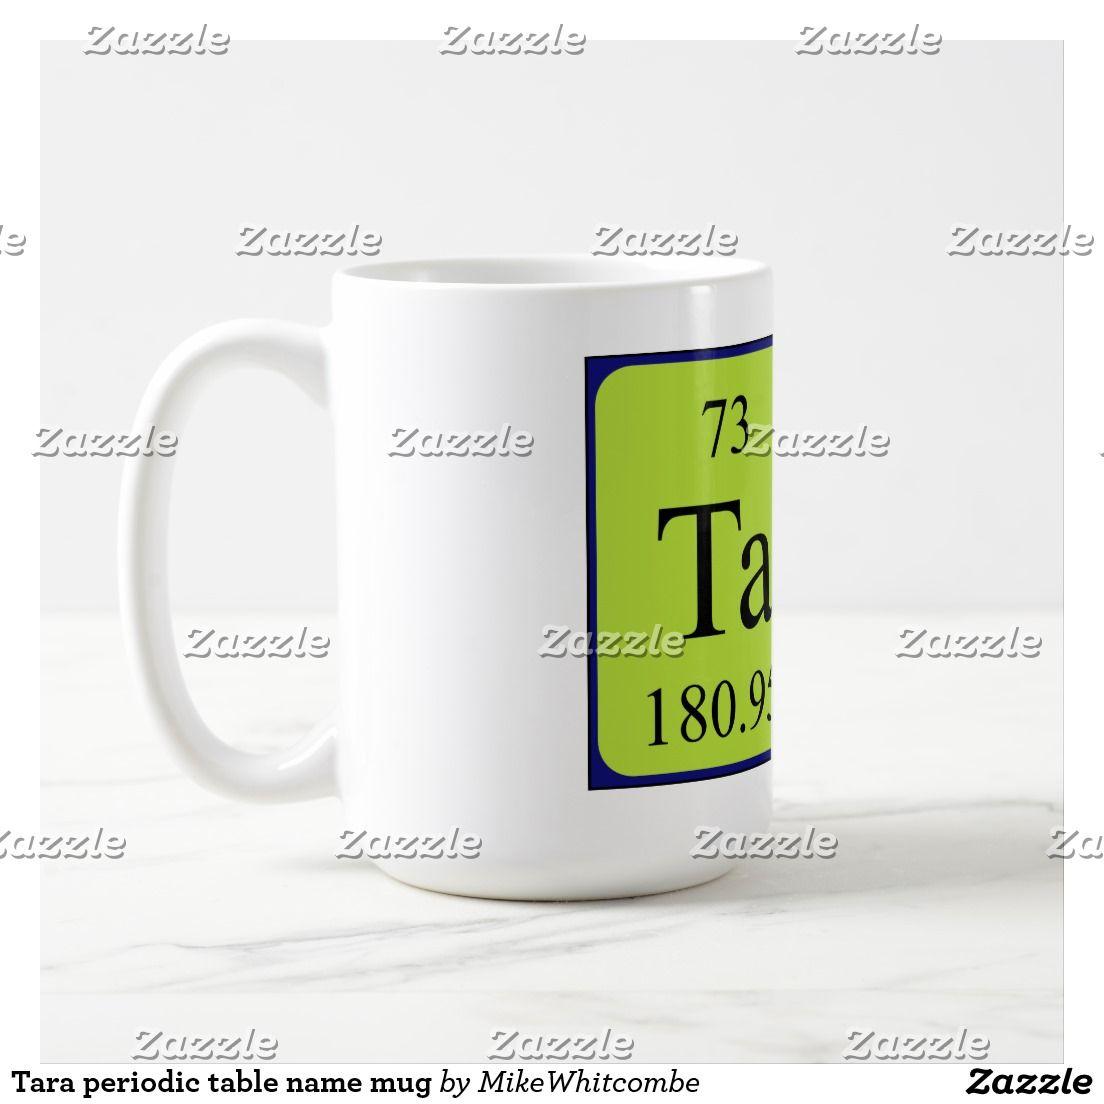 Tara periodic table name mug table names names and mugs tara periodic table name mug urtaz Choice Image